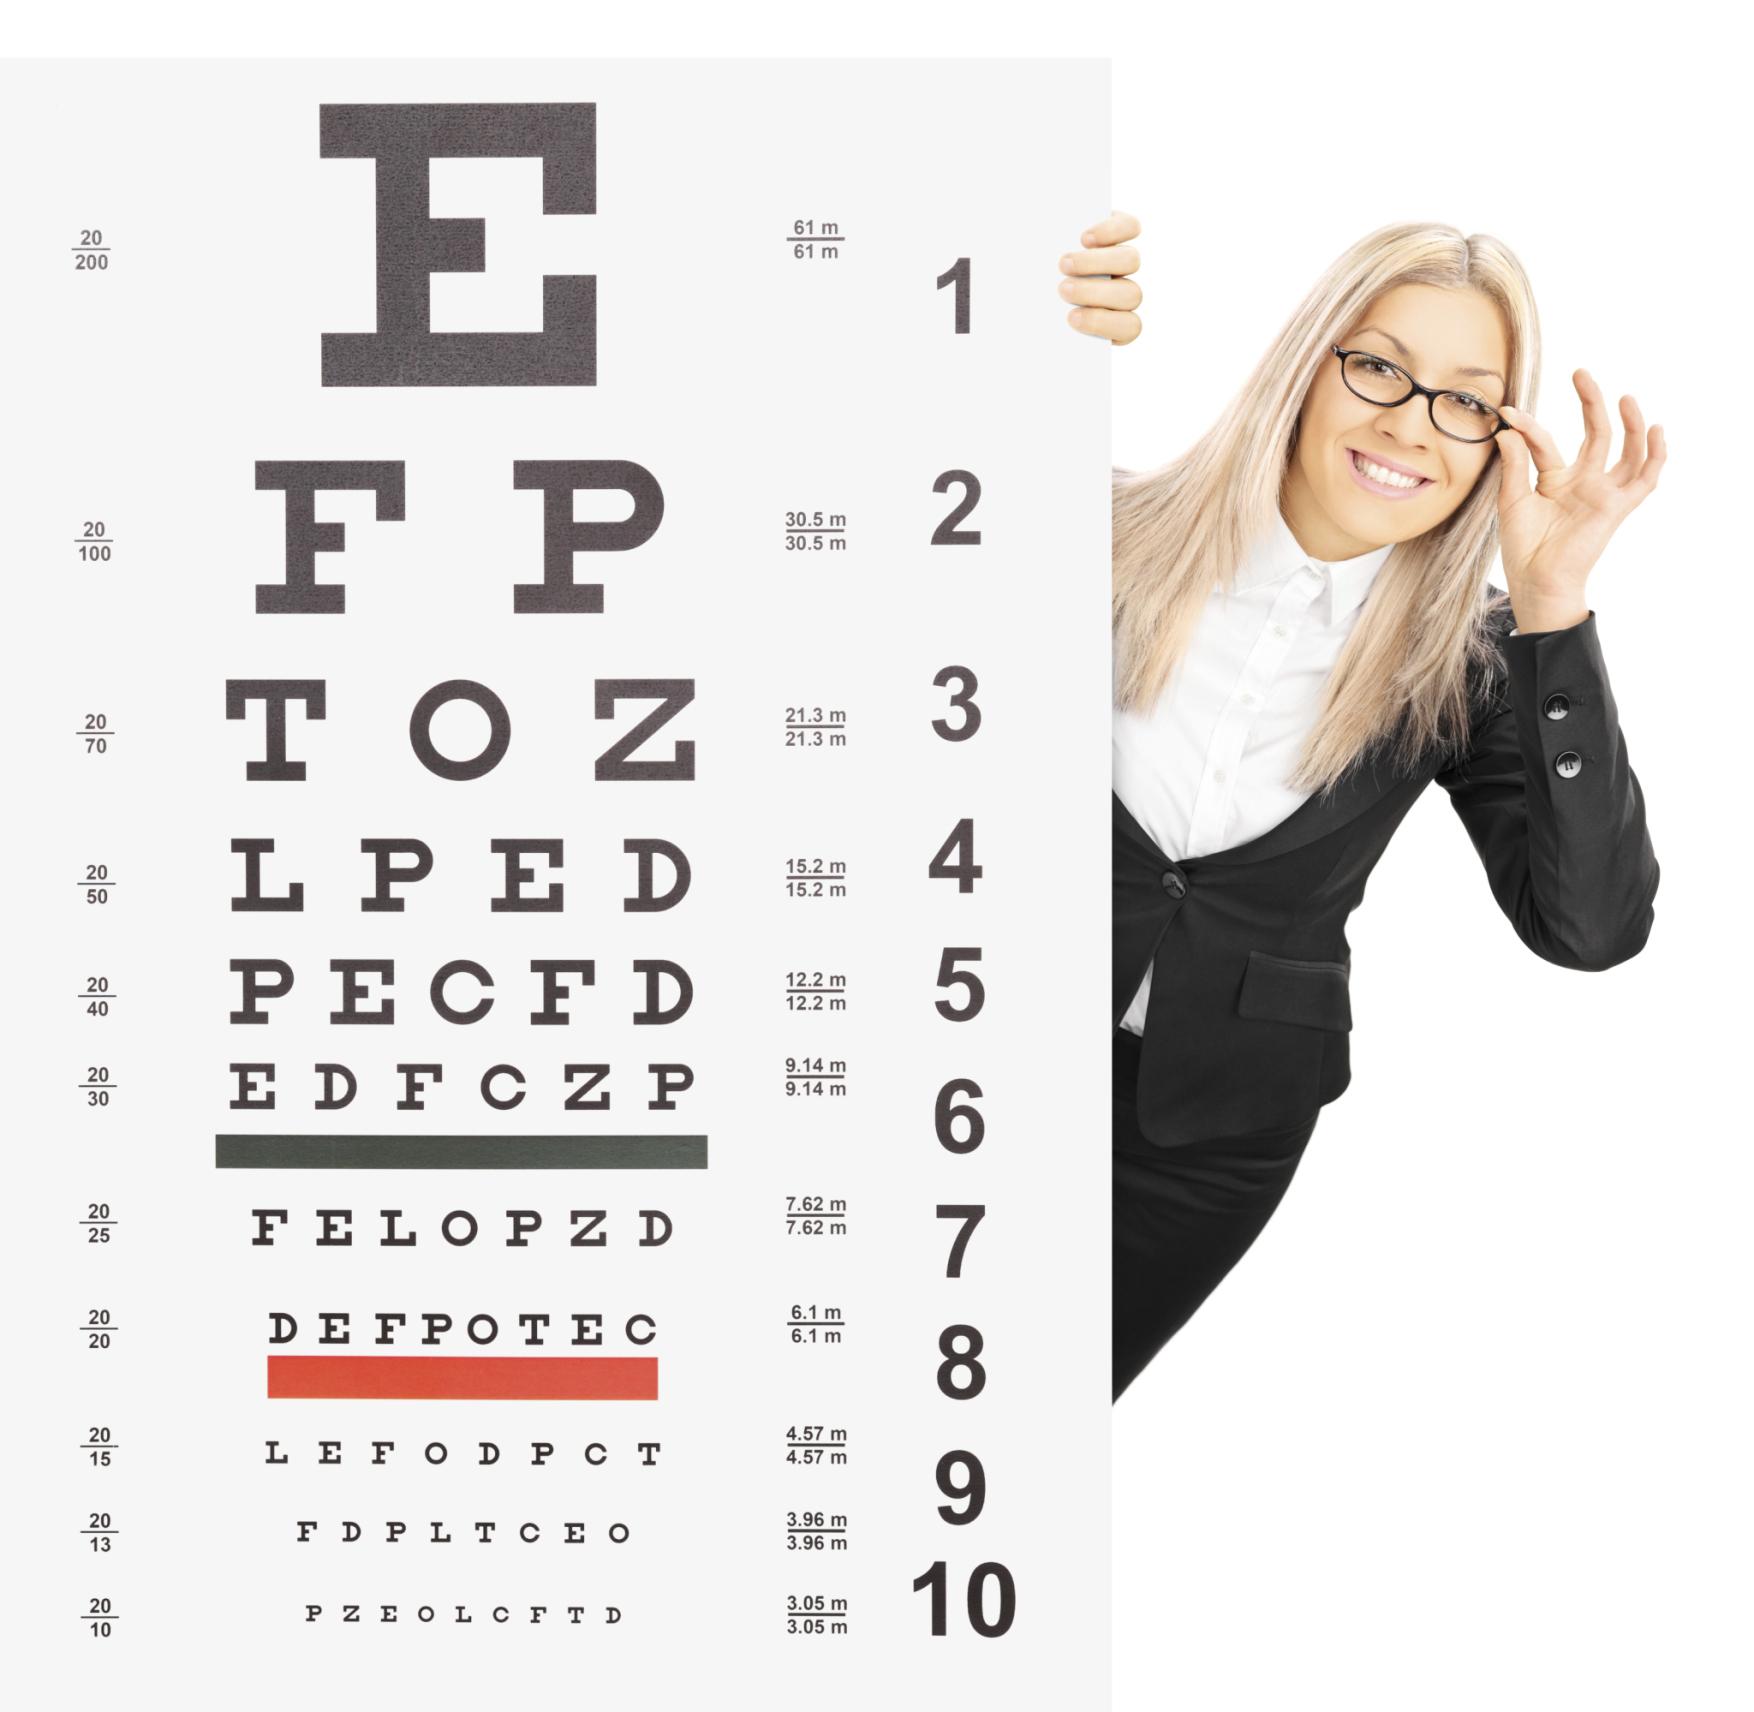 jövőkép, hogyan lehetne javítani életkor és látás